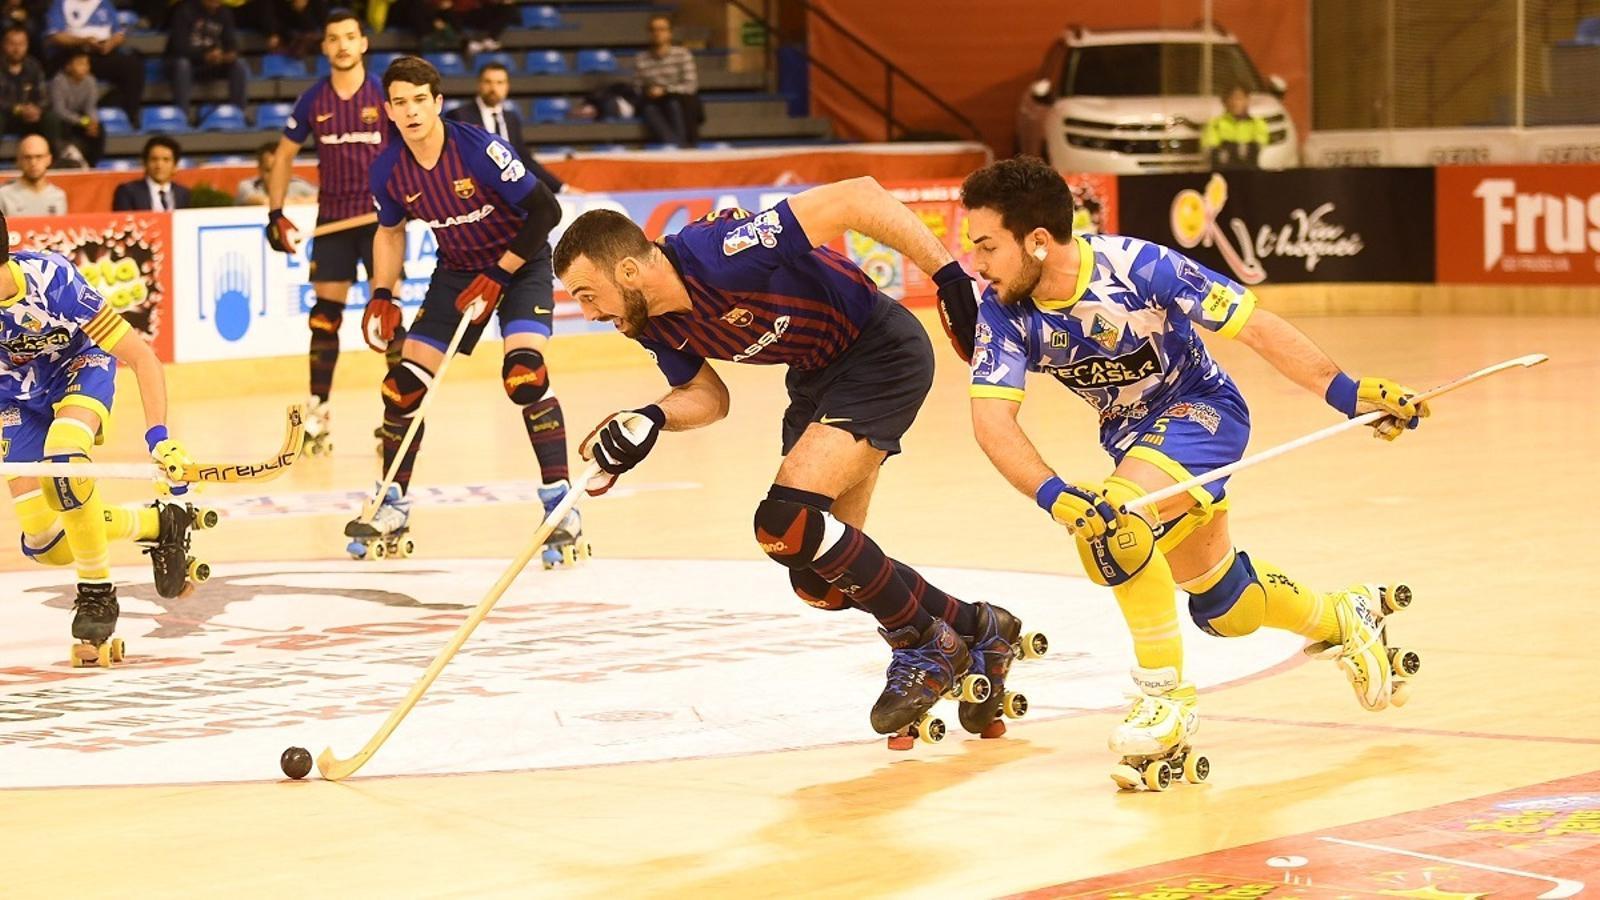 El Barça Lassa ha derrotat el Caldes a la semifinal de Copa d'hoquei patins (1-2)